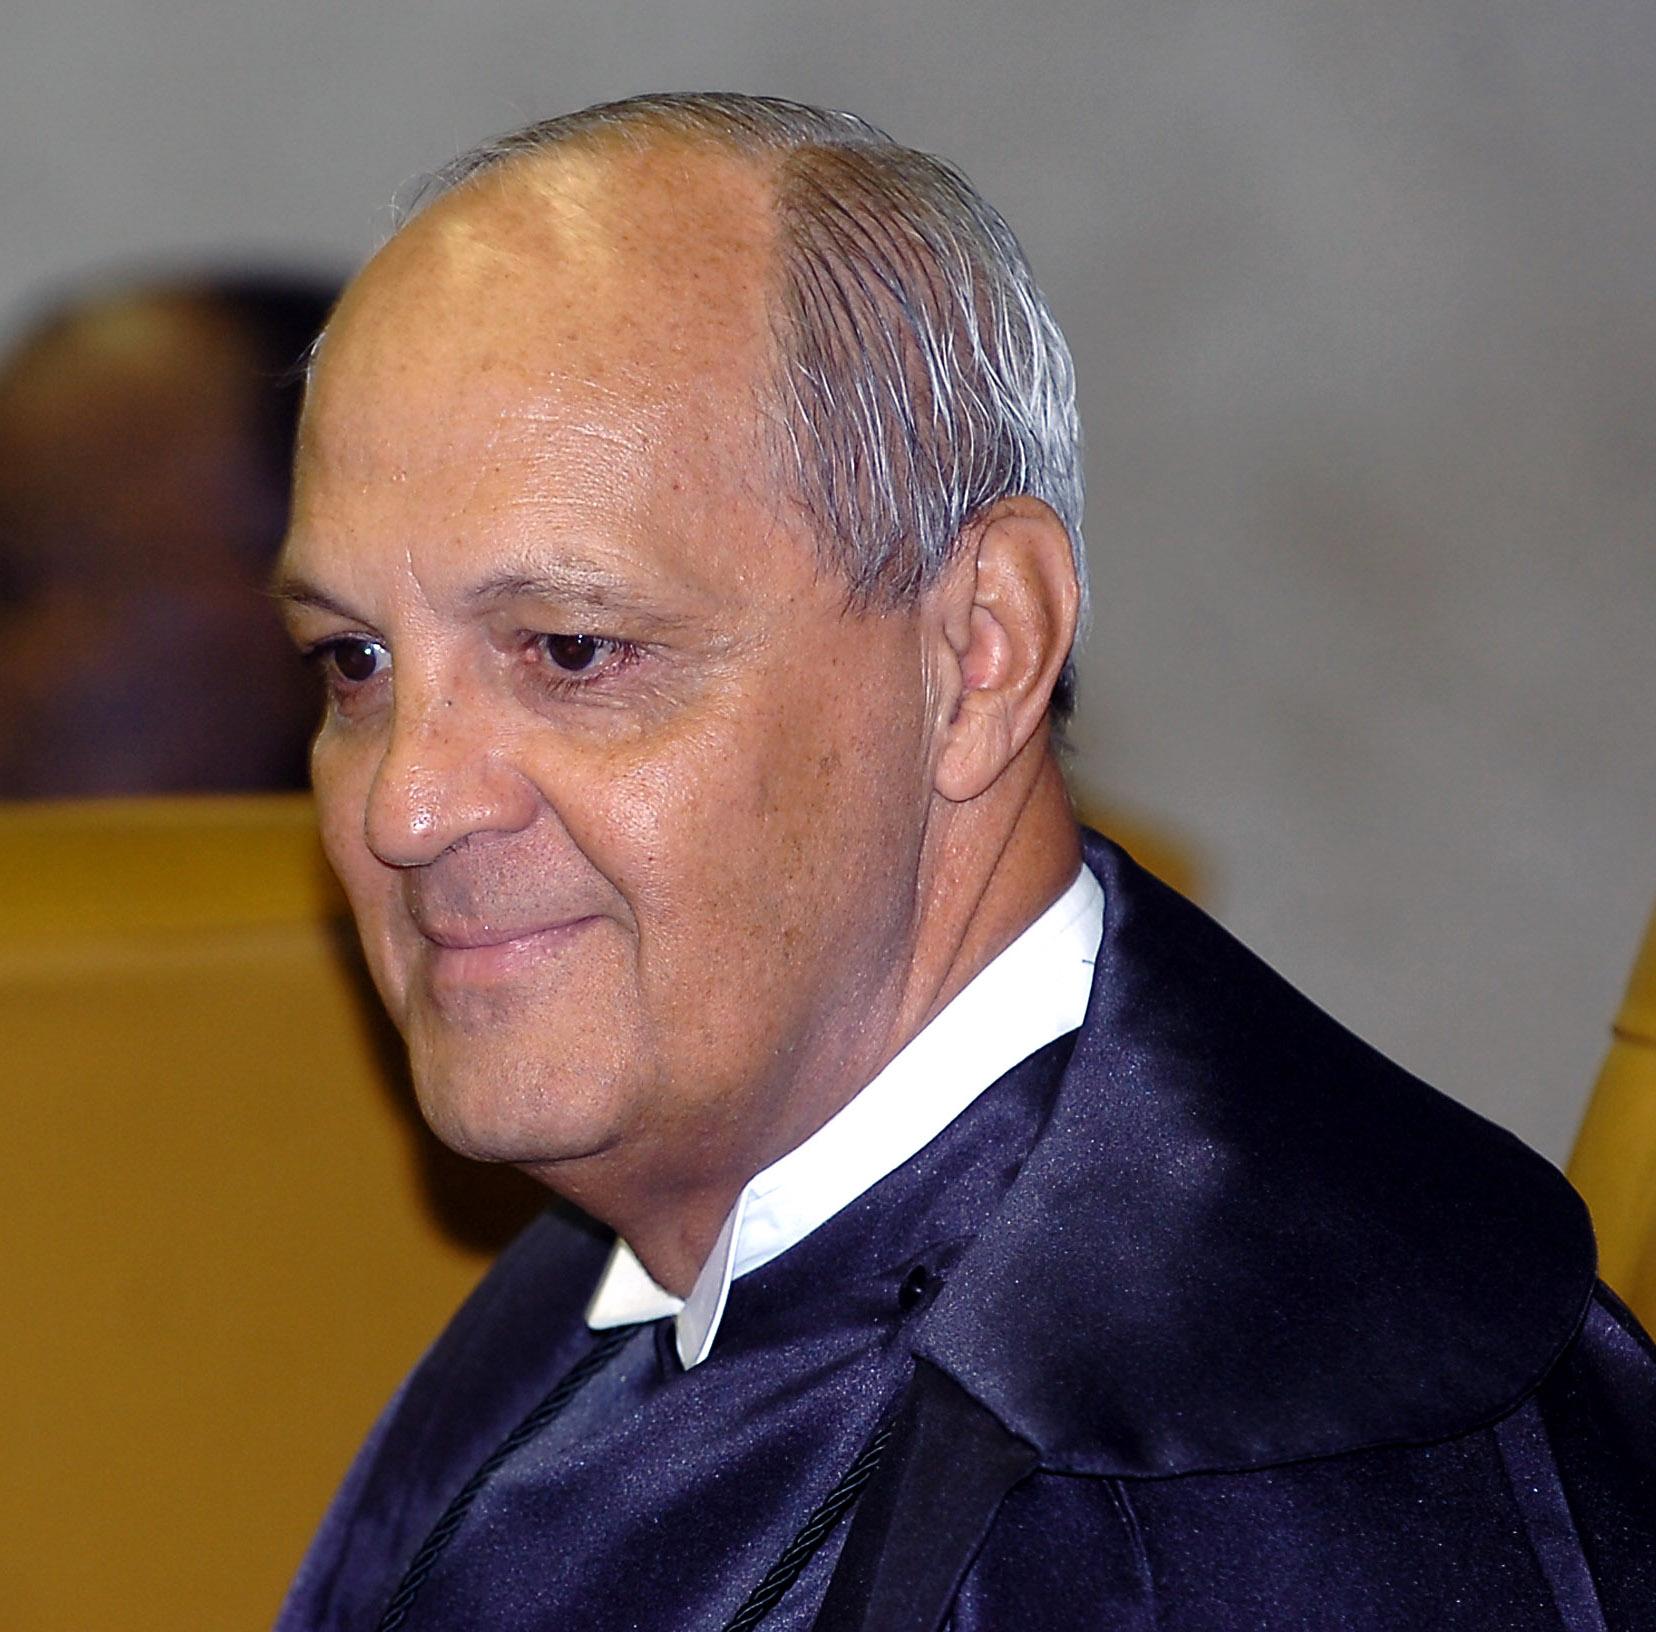 Veja o que saiu no Migalhas sobre Carlos Alberto Menezes Direito